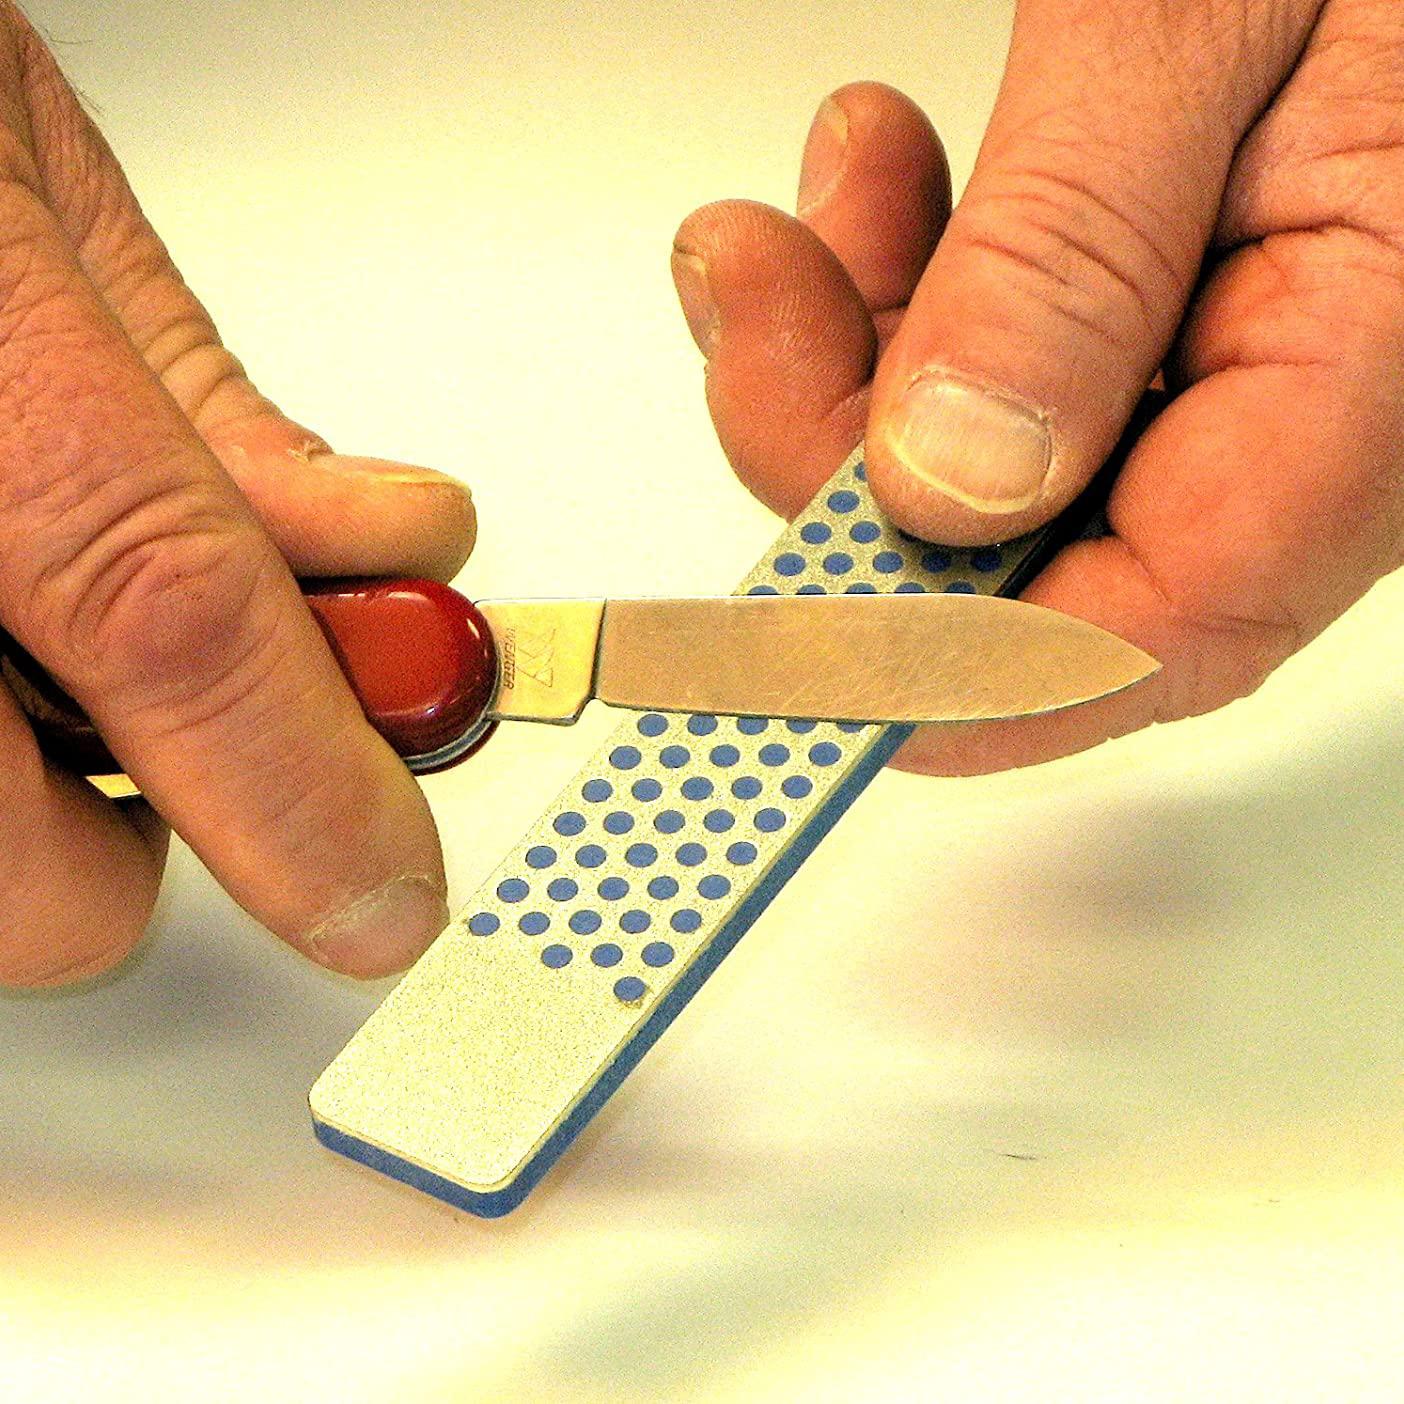 Фото 7 - Алмазный брусок DMT, 2 зоны заточки, 325 меш, 45 мкм, в кожаном чехле от DMT® Diamond Machining Technology